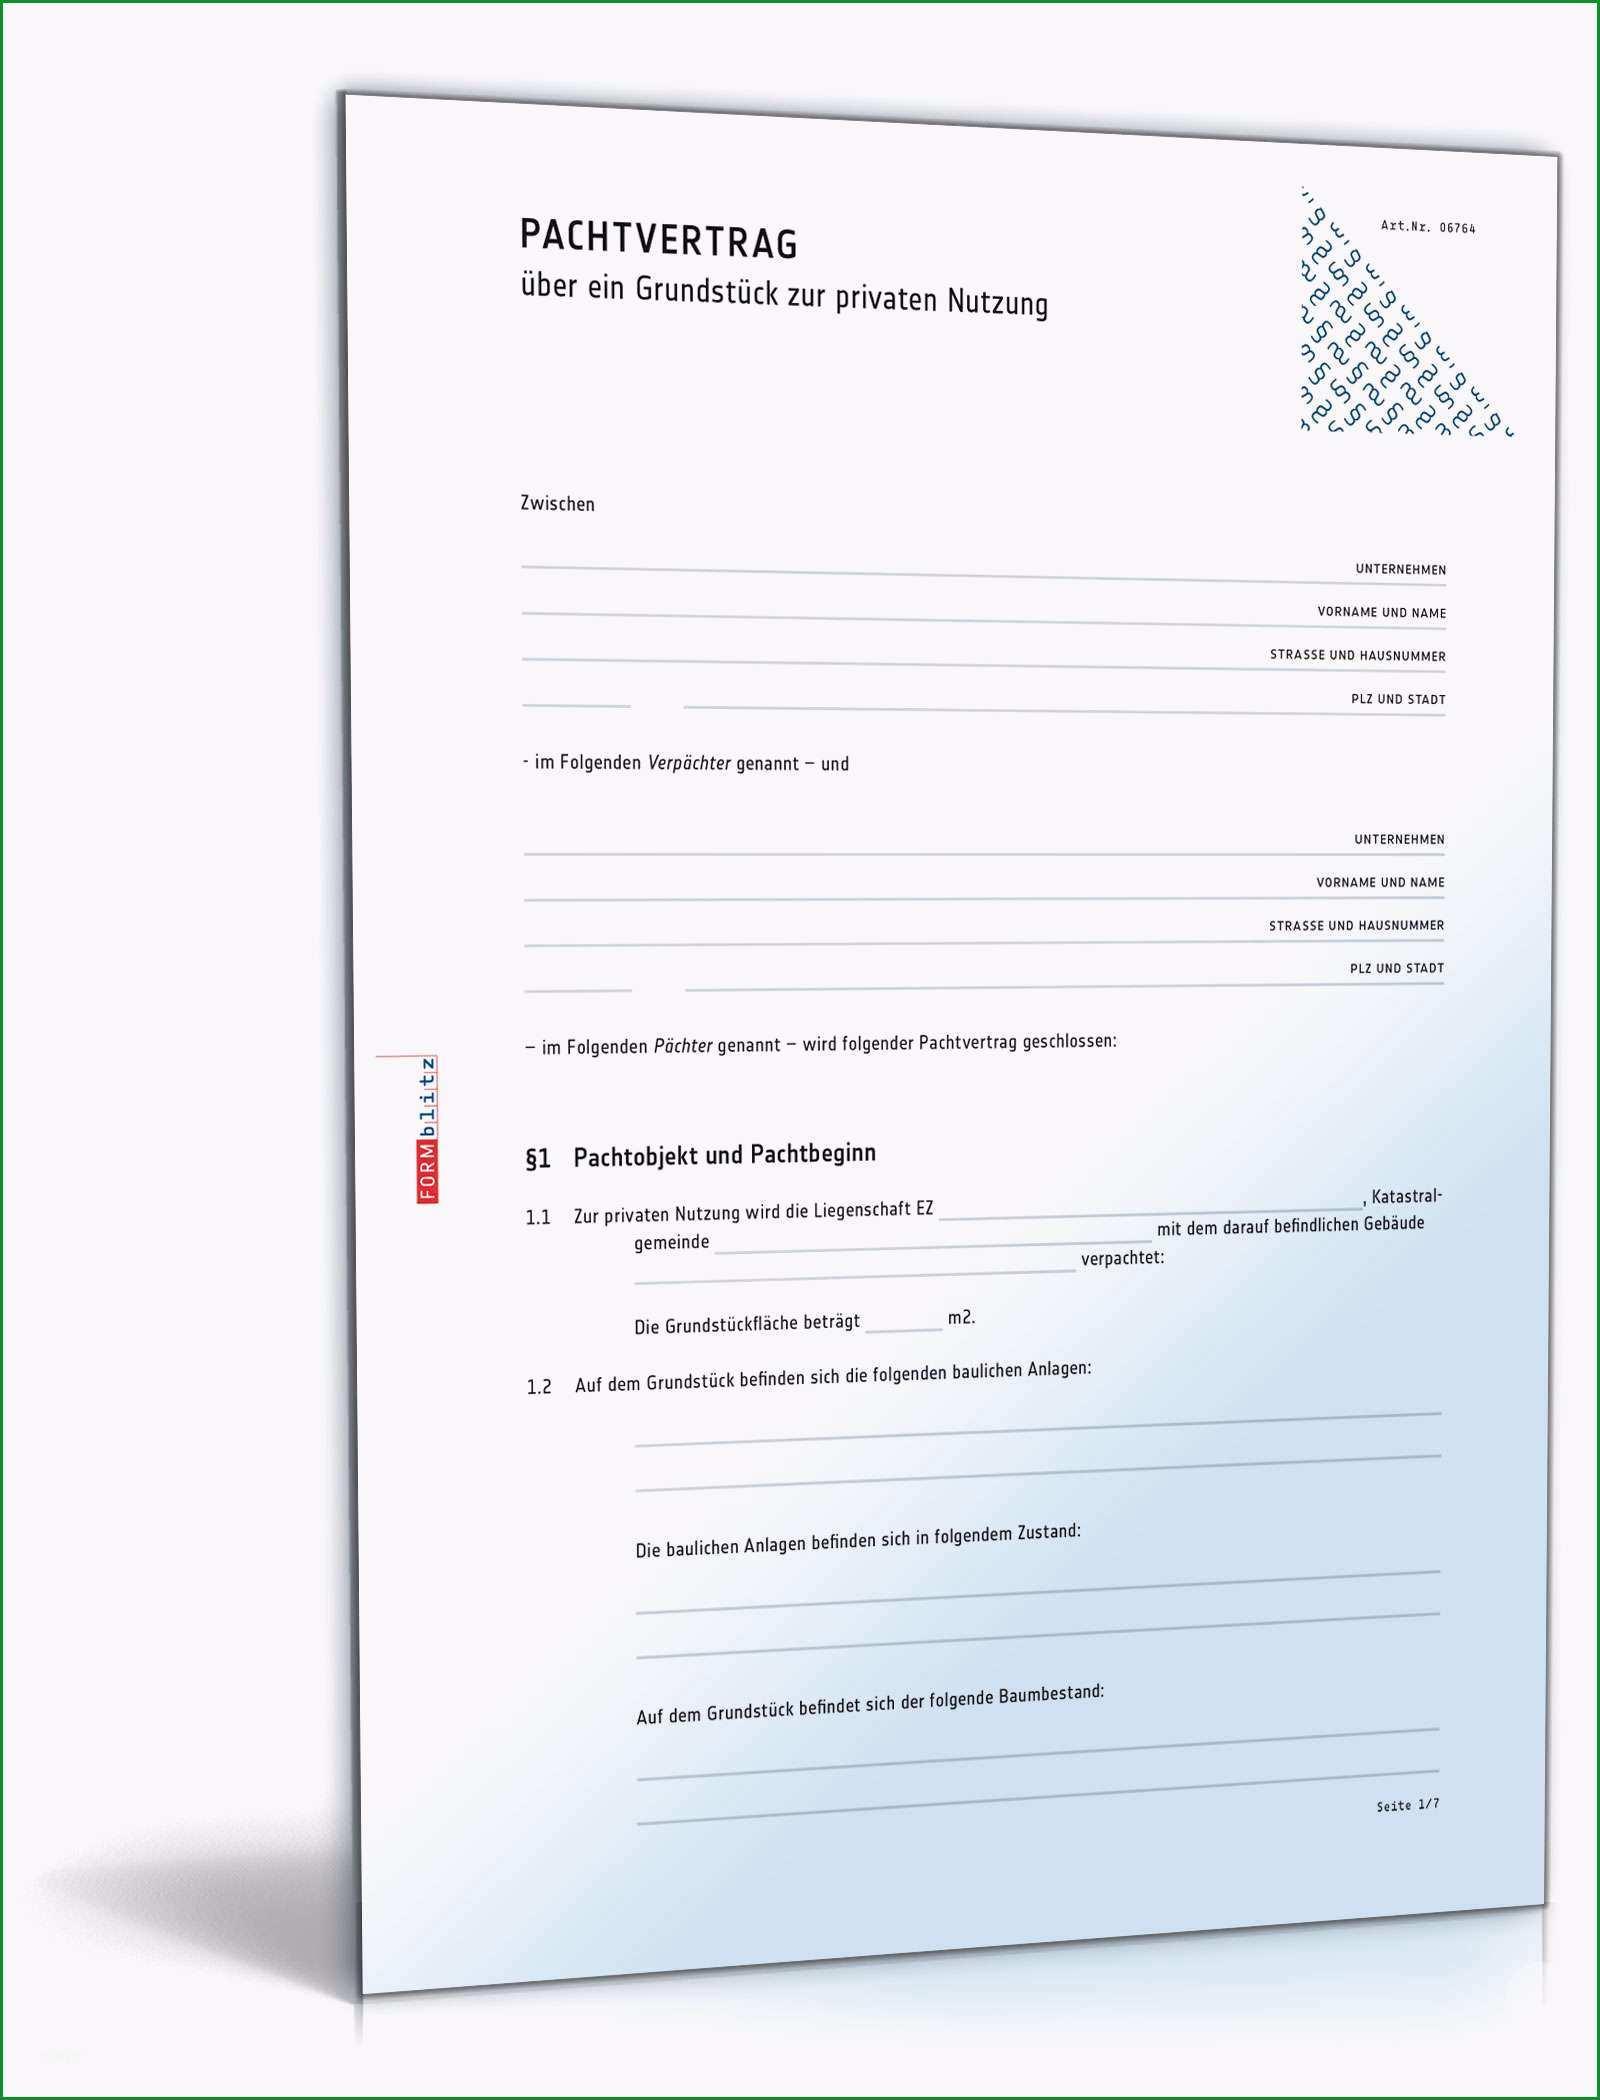 Erstaunlich Pachtvertrag Grundstück Privatnutzung Muster Vorlage